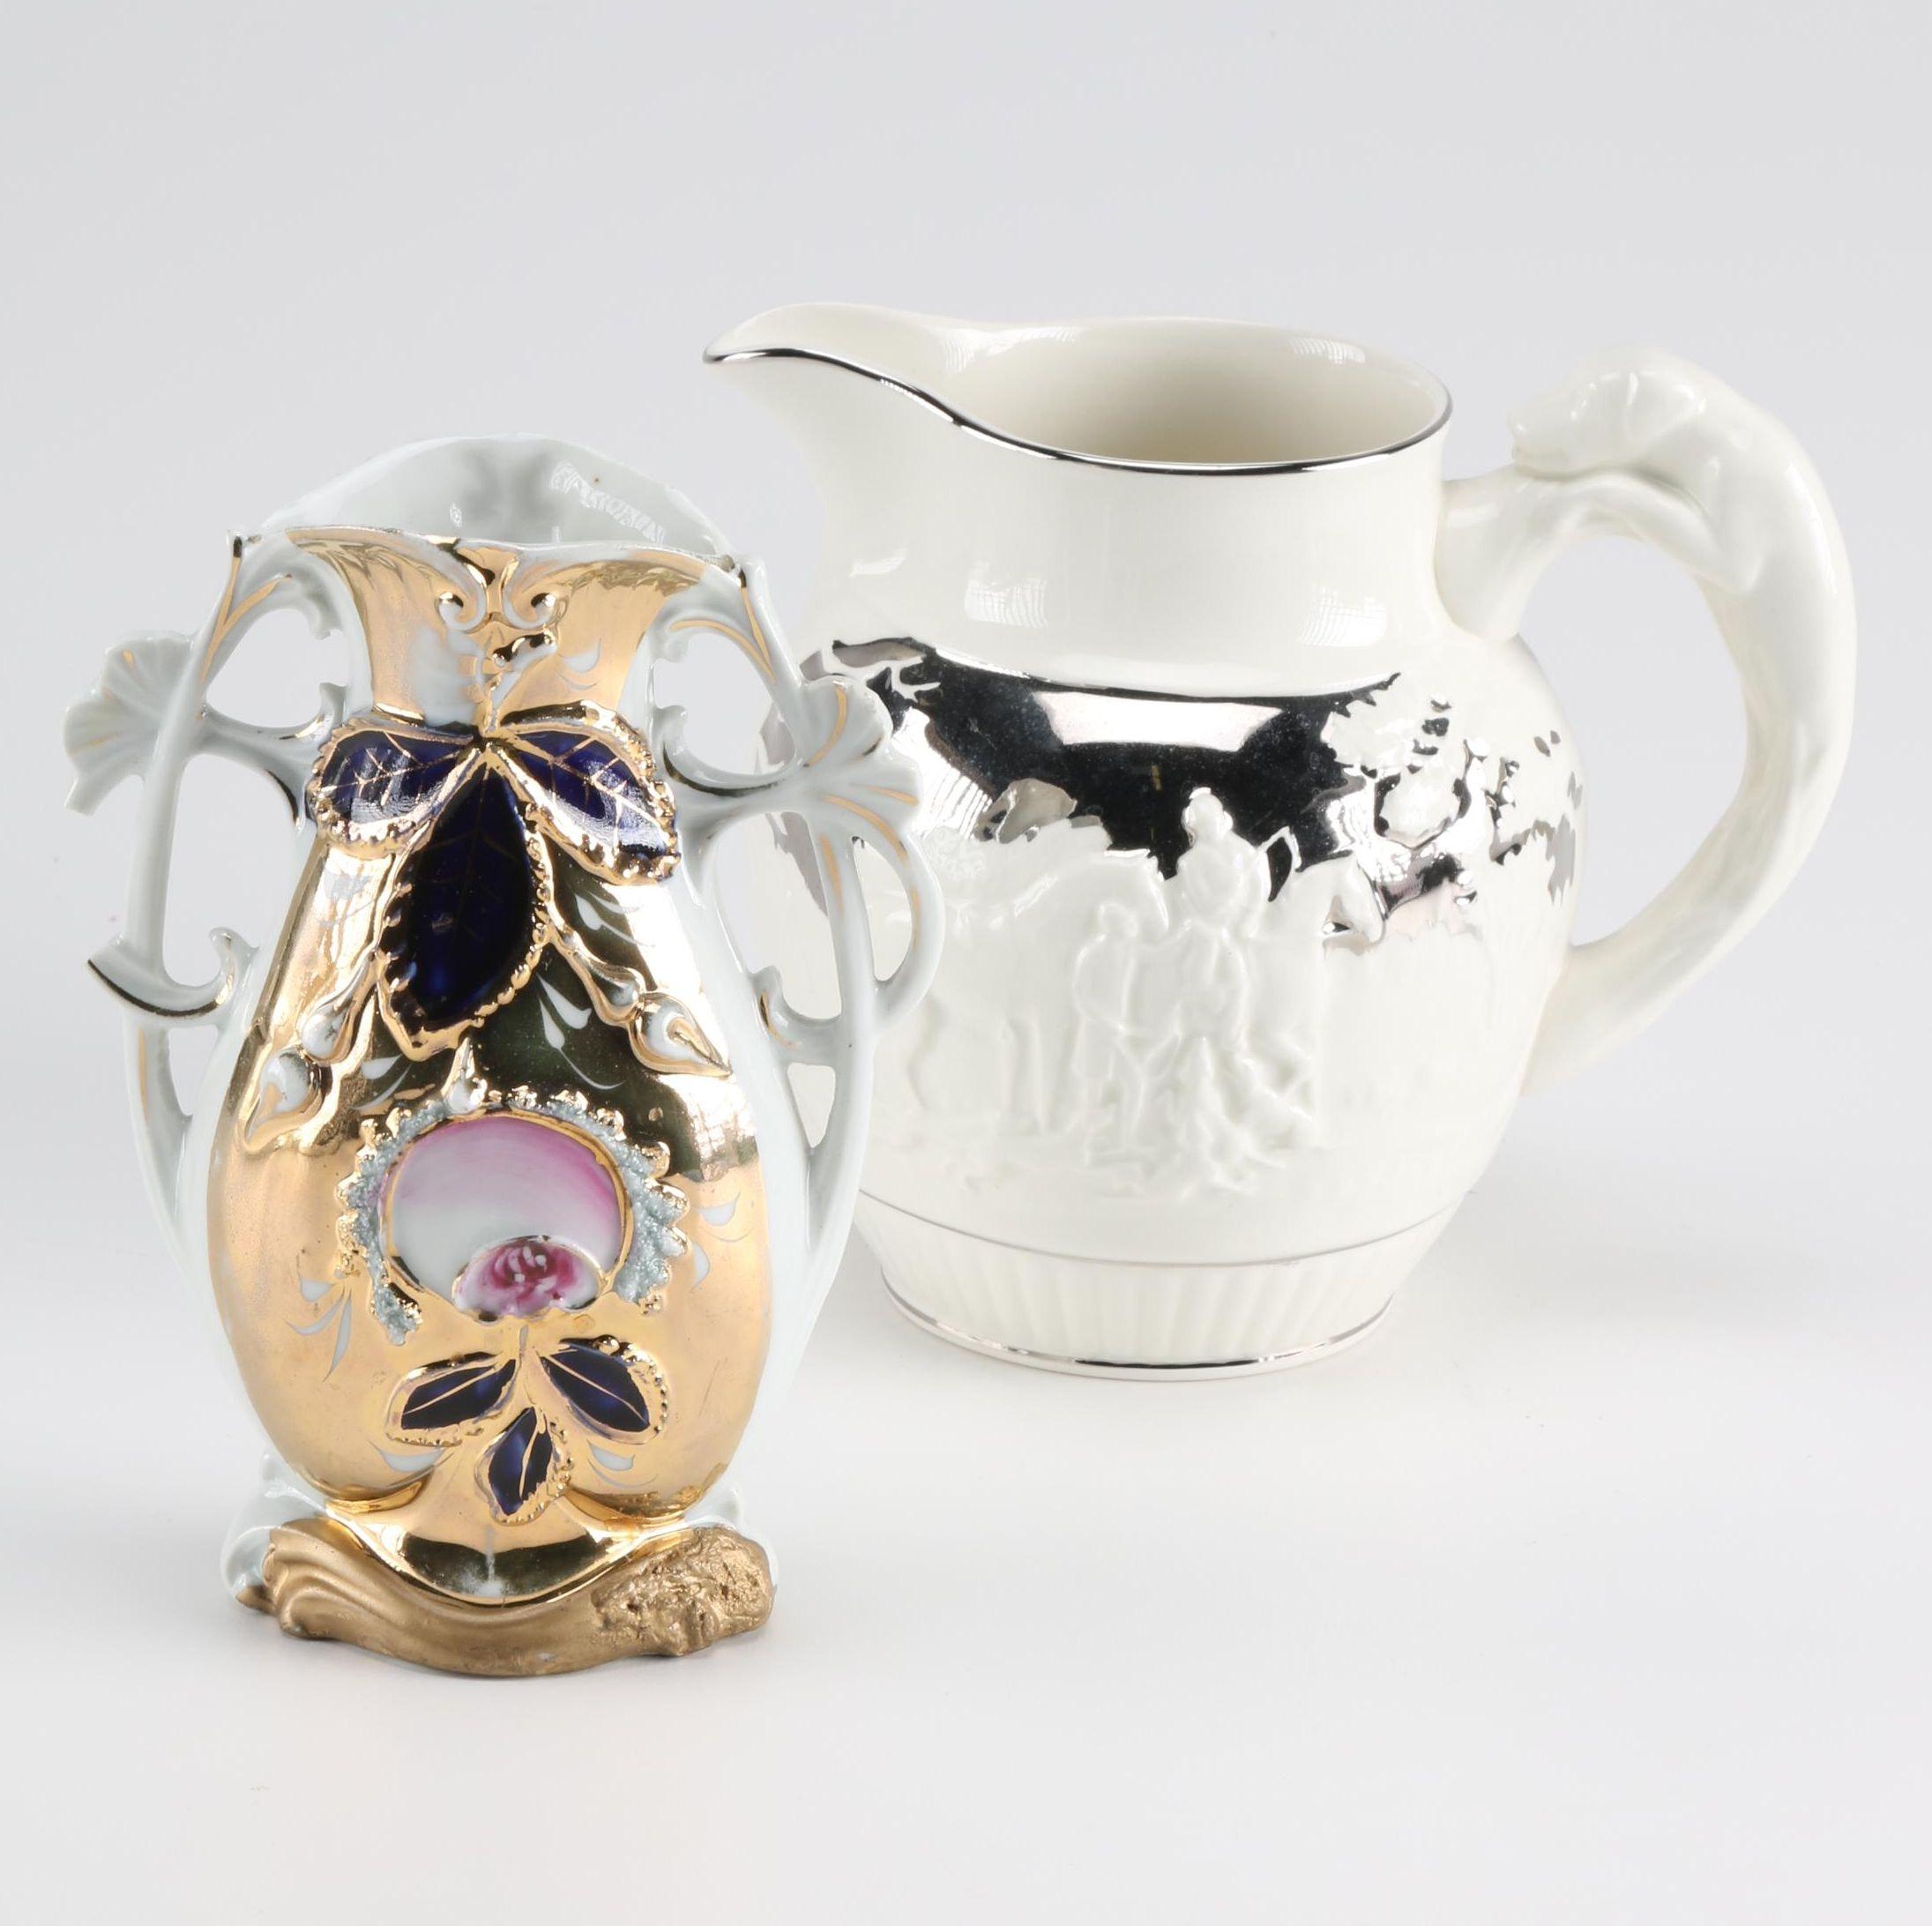 Wedgwood Silver Luster Jug and German Vase